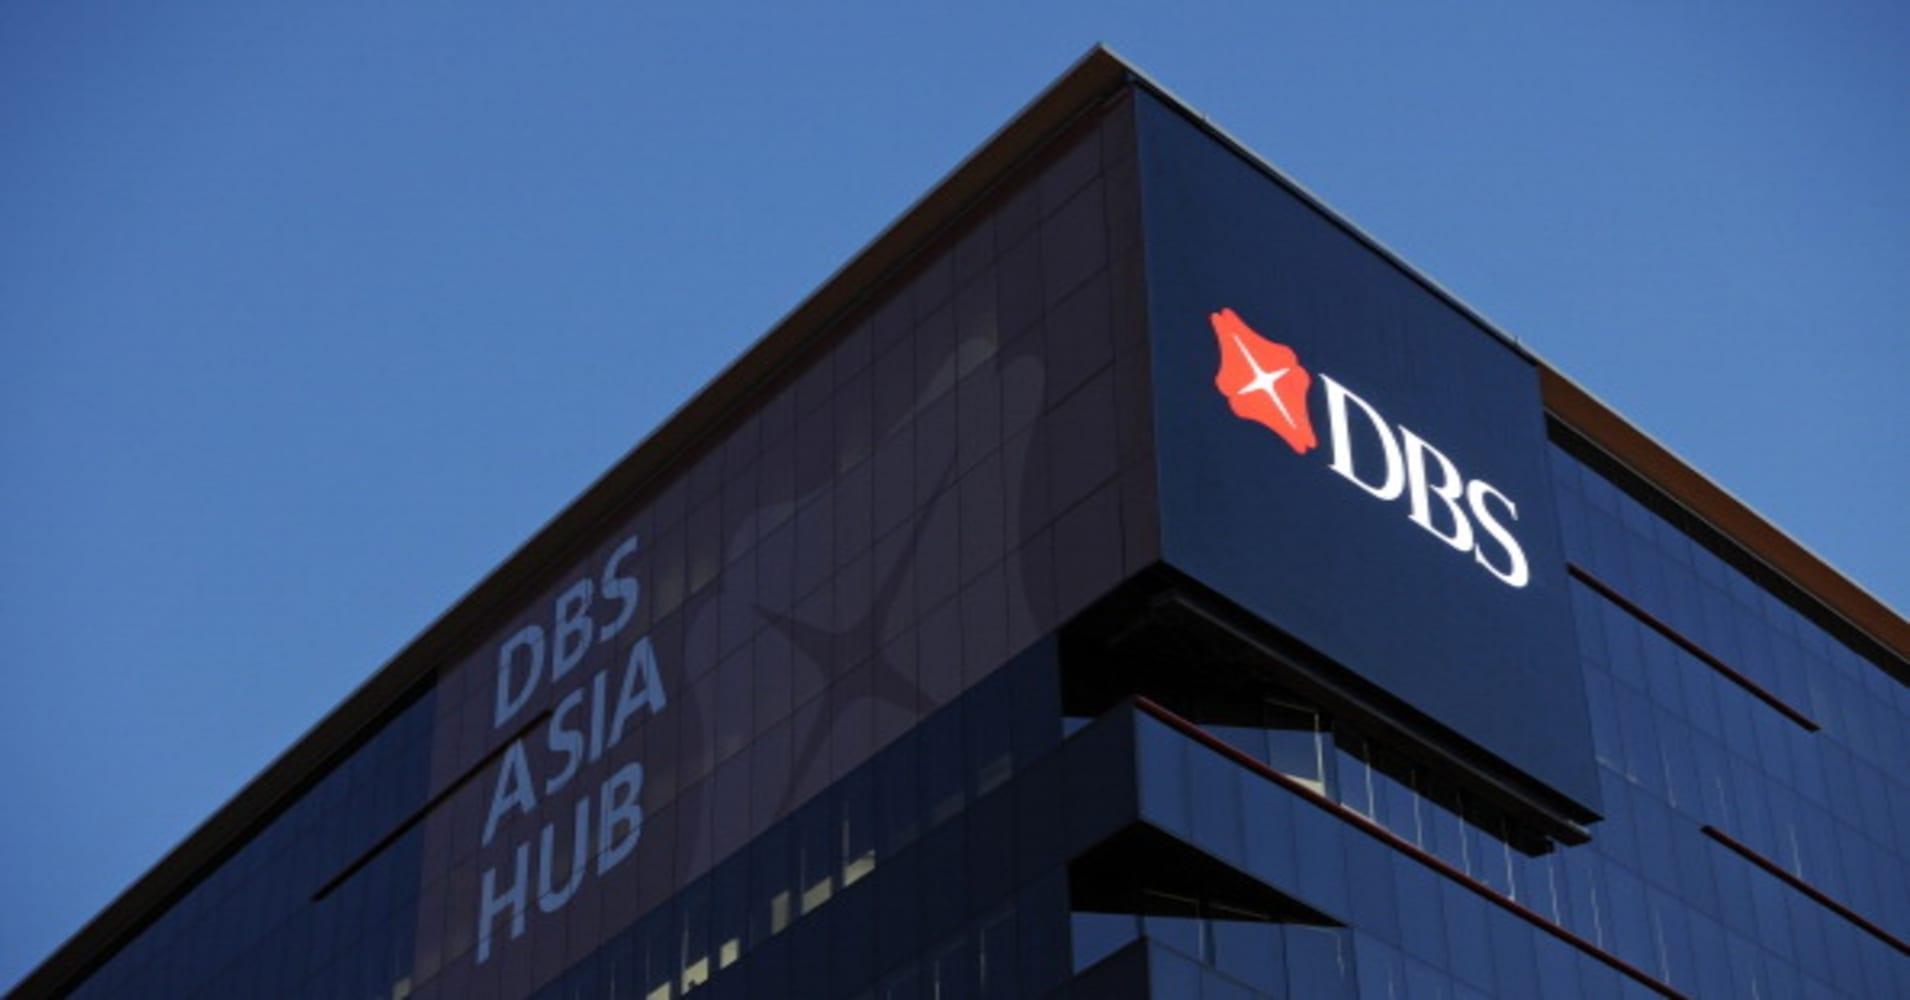 singapores dbs posts 6 pct drop in q2 profits bad debt